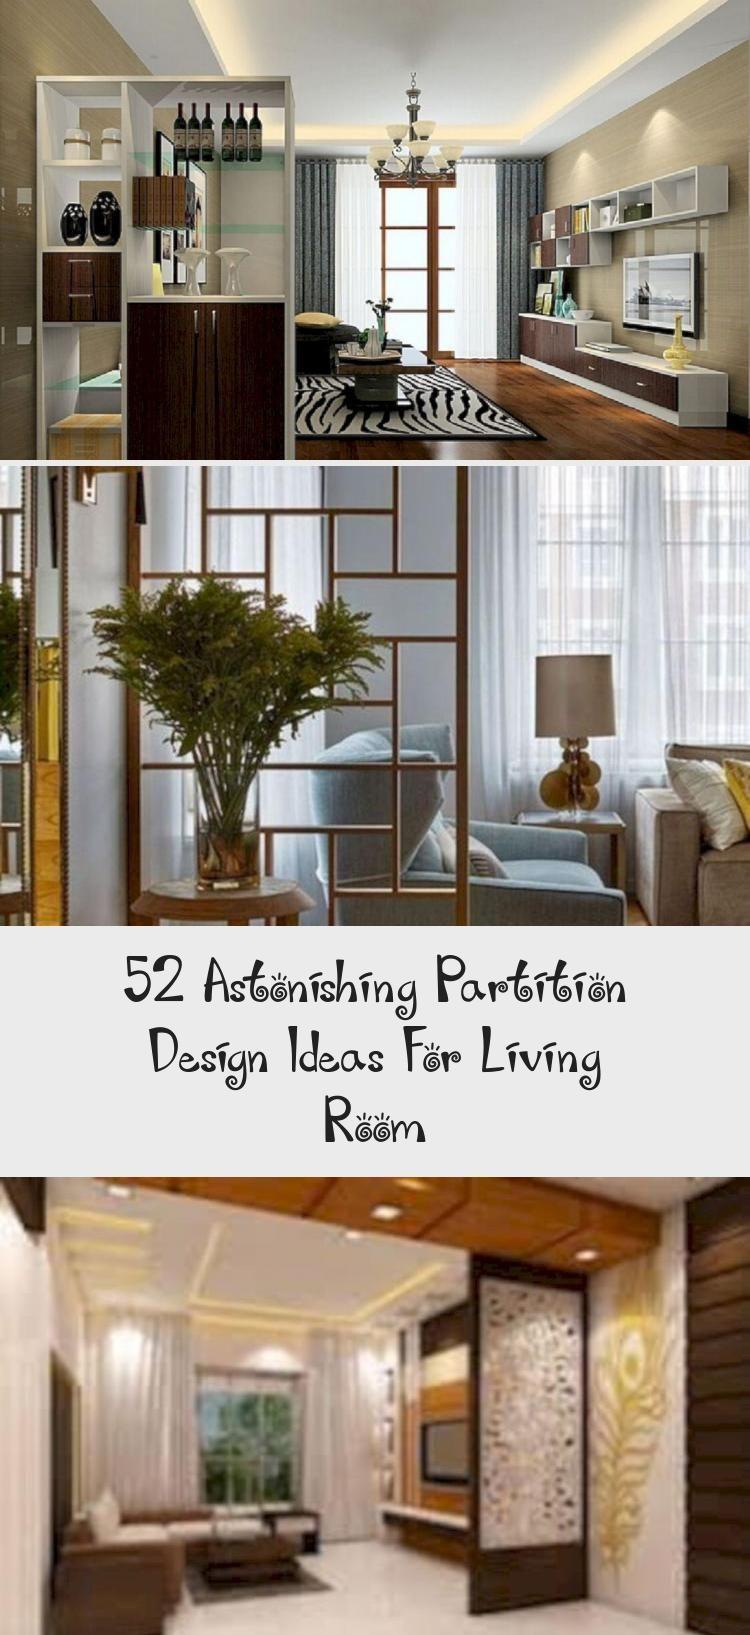 Awesome 52 Astonishing Partition Design Ideas For Living Room Moderninteriordesignbedr White Interior Design Modern Partition Design Apartment Interior Design